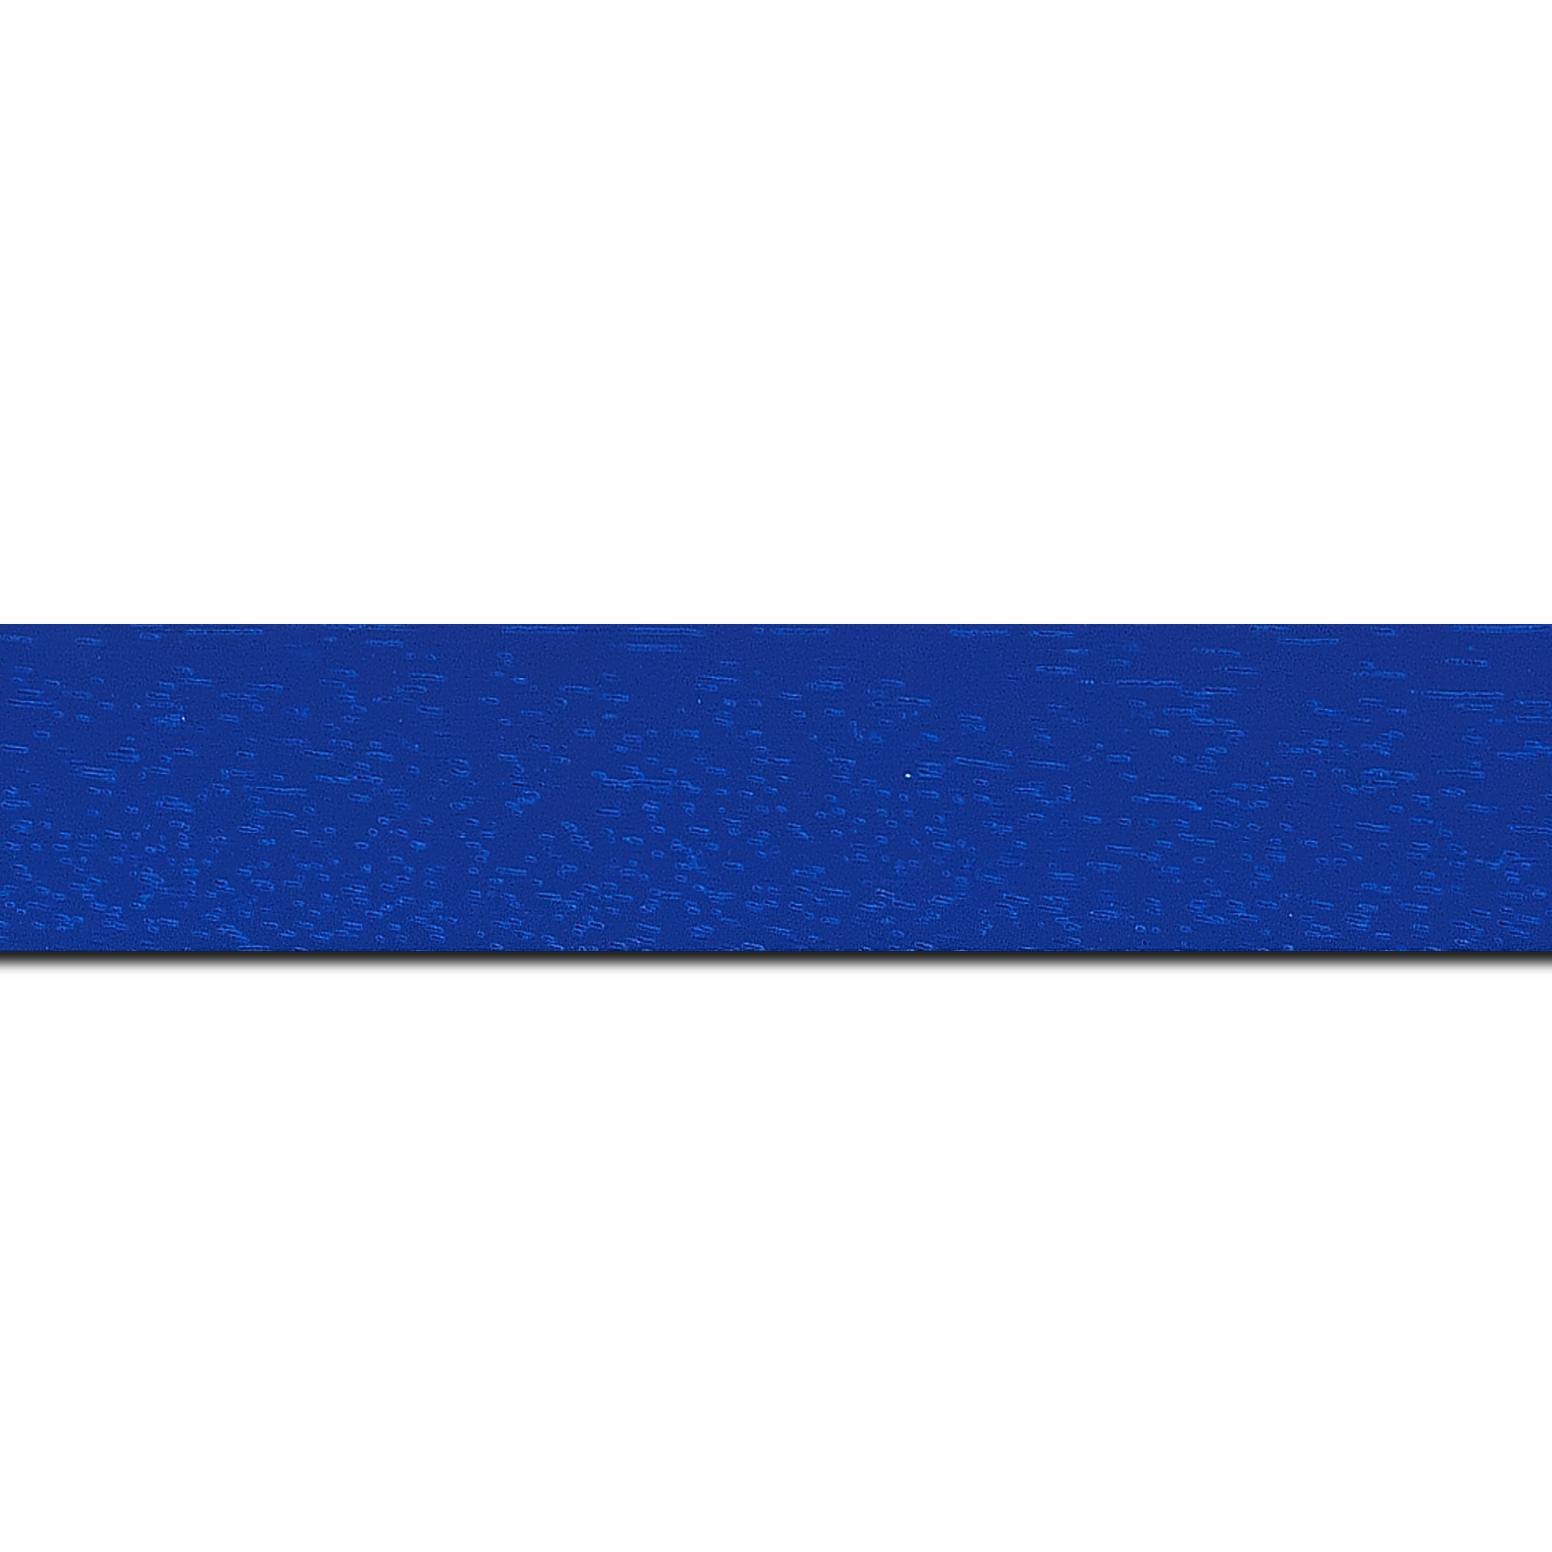 Baguette longueur 1.40m bois profil plat largeur 3cm couleur bleu grec satiné